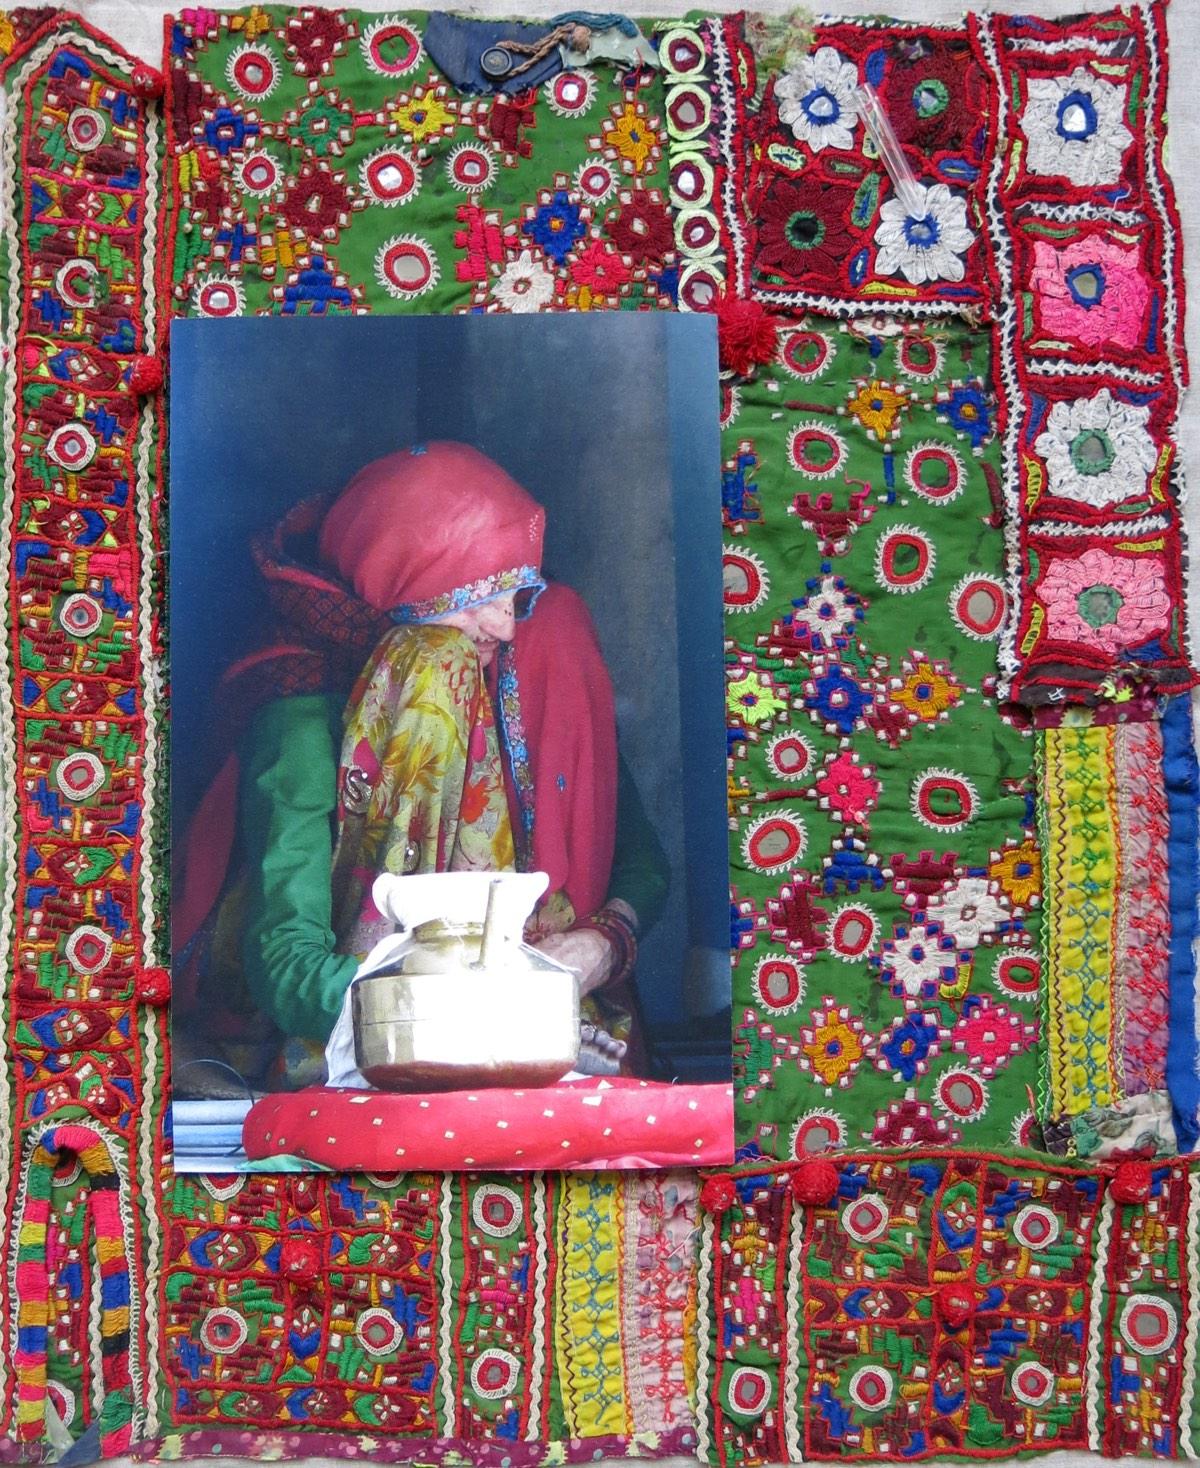 'Vrouw met koperen ketel', 48x59cm, eigen beeld op handgeborduurde oude Indiase textiel.